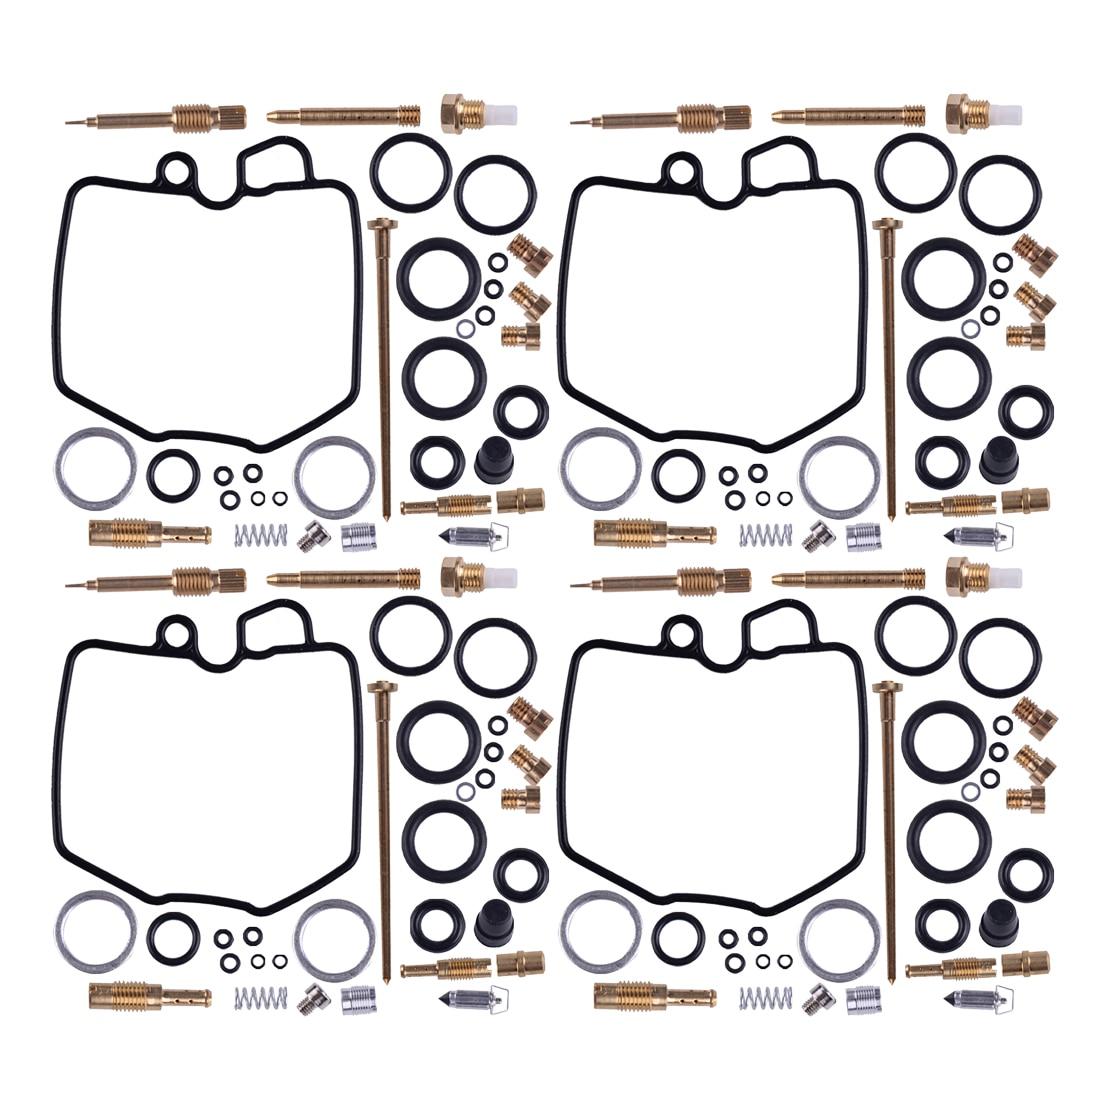 CITALL 4 комплекта карбюратор для мотоциклов Carb комплект для ремонта и восстановления Подходит для Honda CBX 1000 и CBX 1000 Pro Link 1981, 1982, 2003